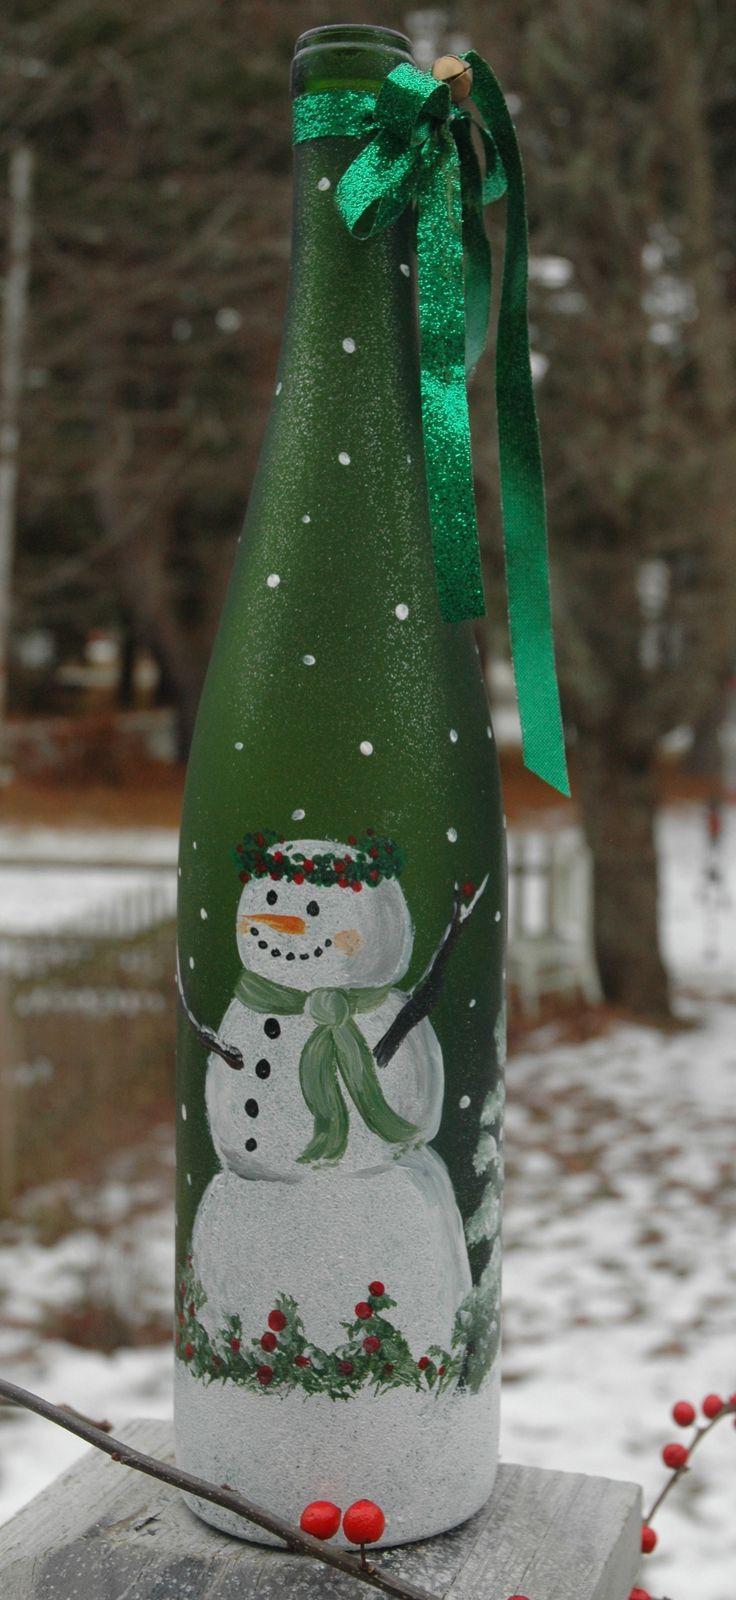 Декупаж бутылки шампанского на новый год со снеговиком